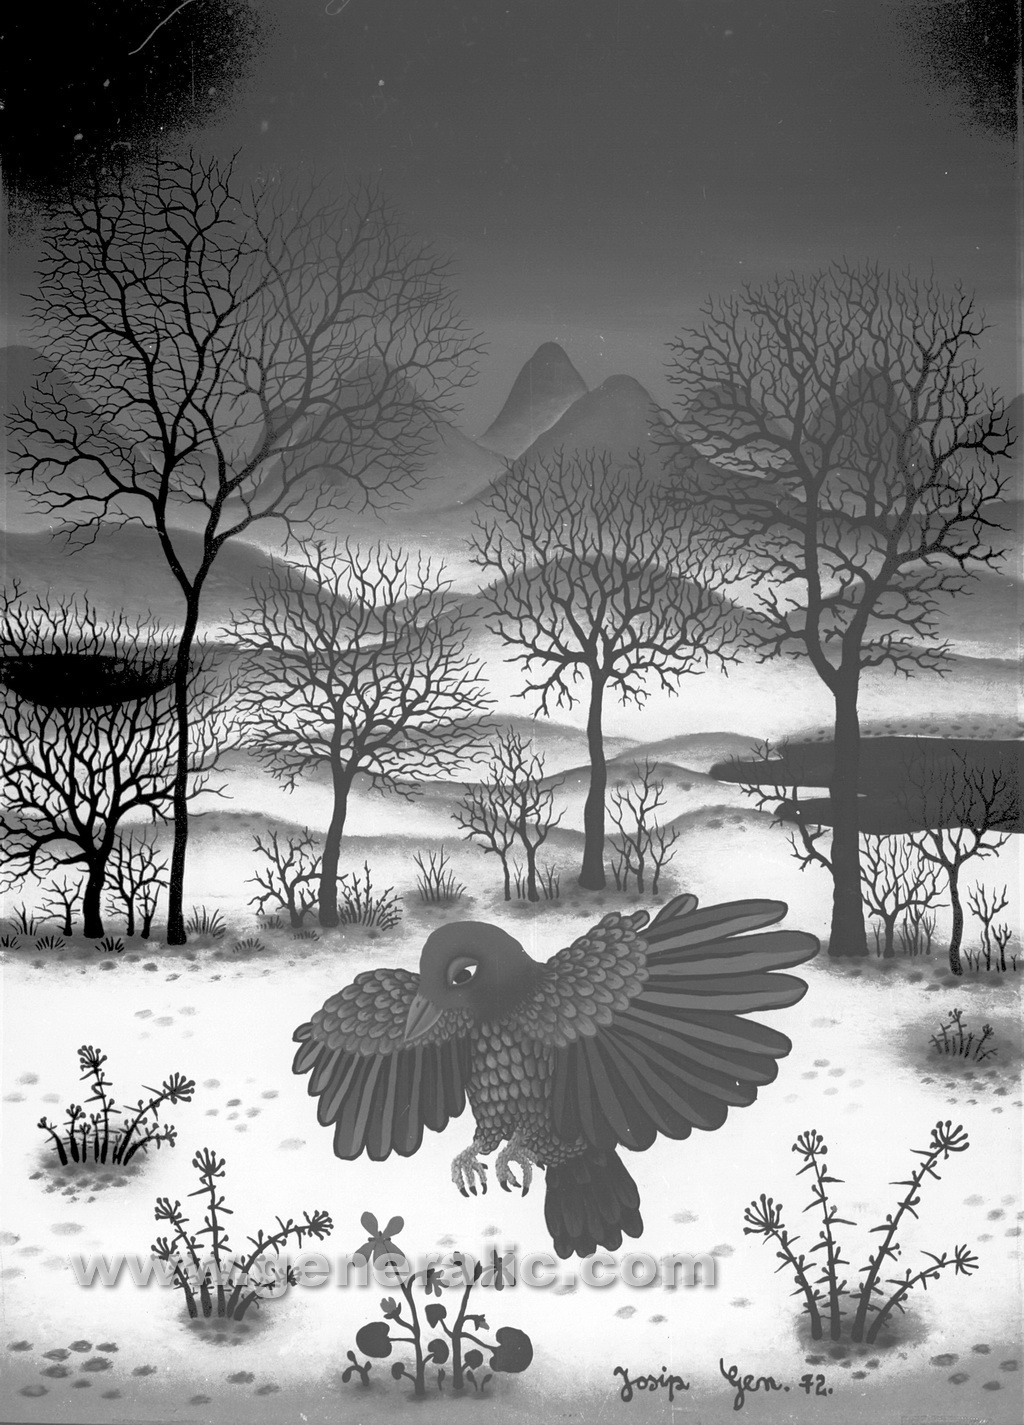 Josip Generalic, 1972, Bird in winter, oil on glass